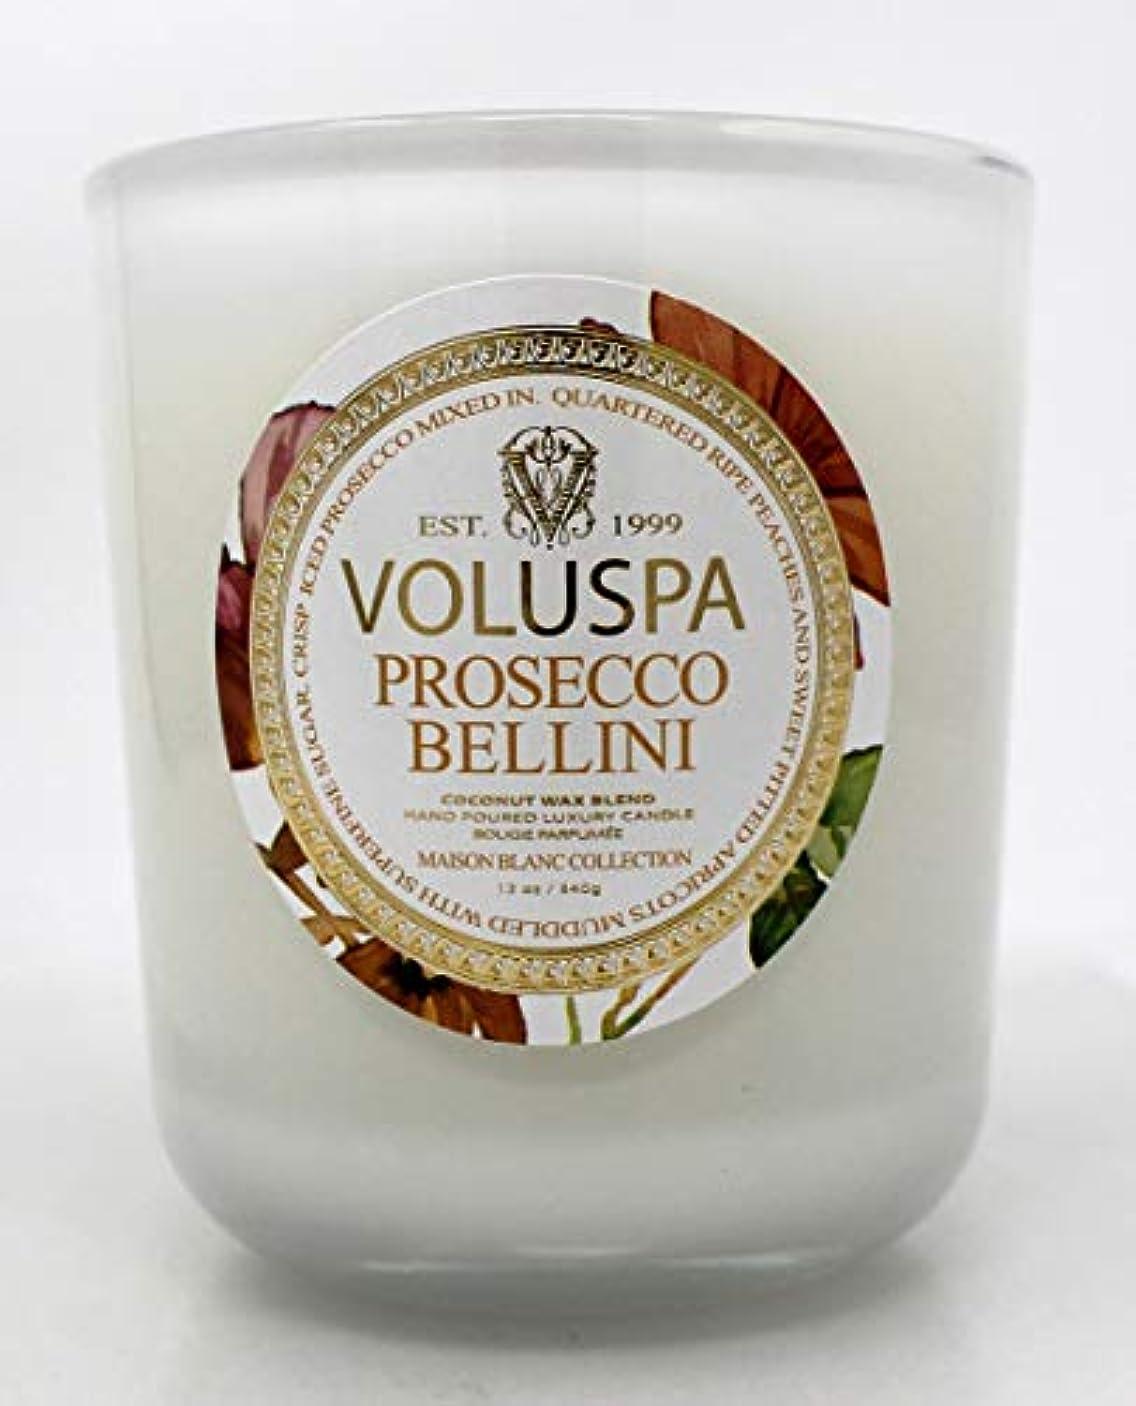 本能喉頭文明化するVOLUSPA メゾンブラン ボックスイリグラスキャンドル Prosecco Bellini プロセッコベッリーニ MAISON BLANK GLASS CANDLE ボルスパ